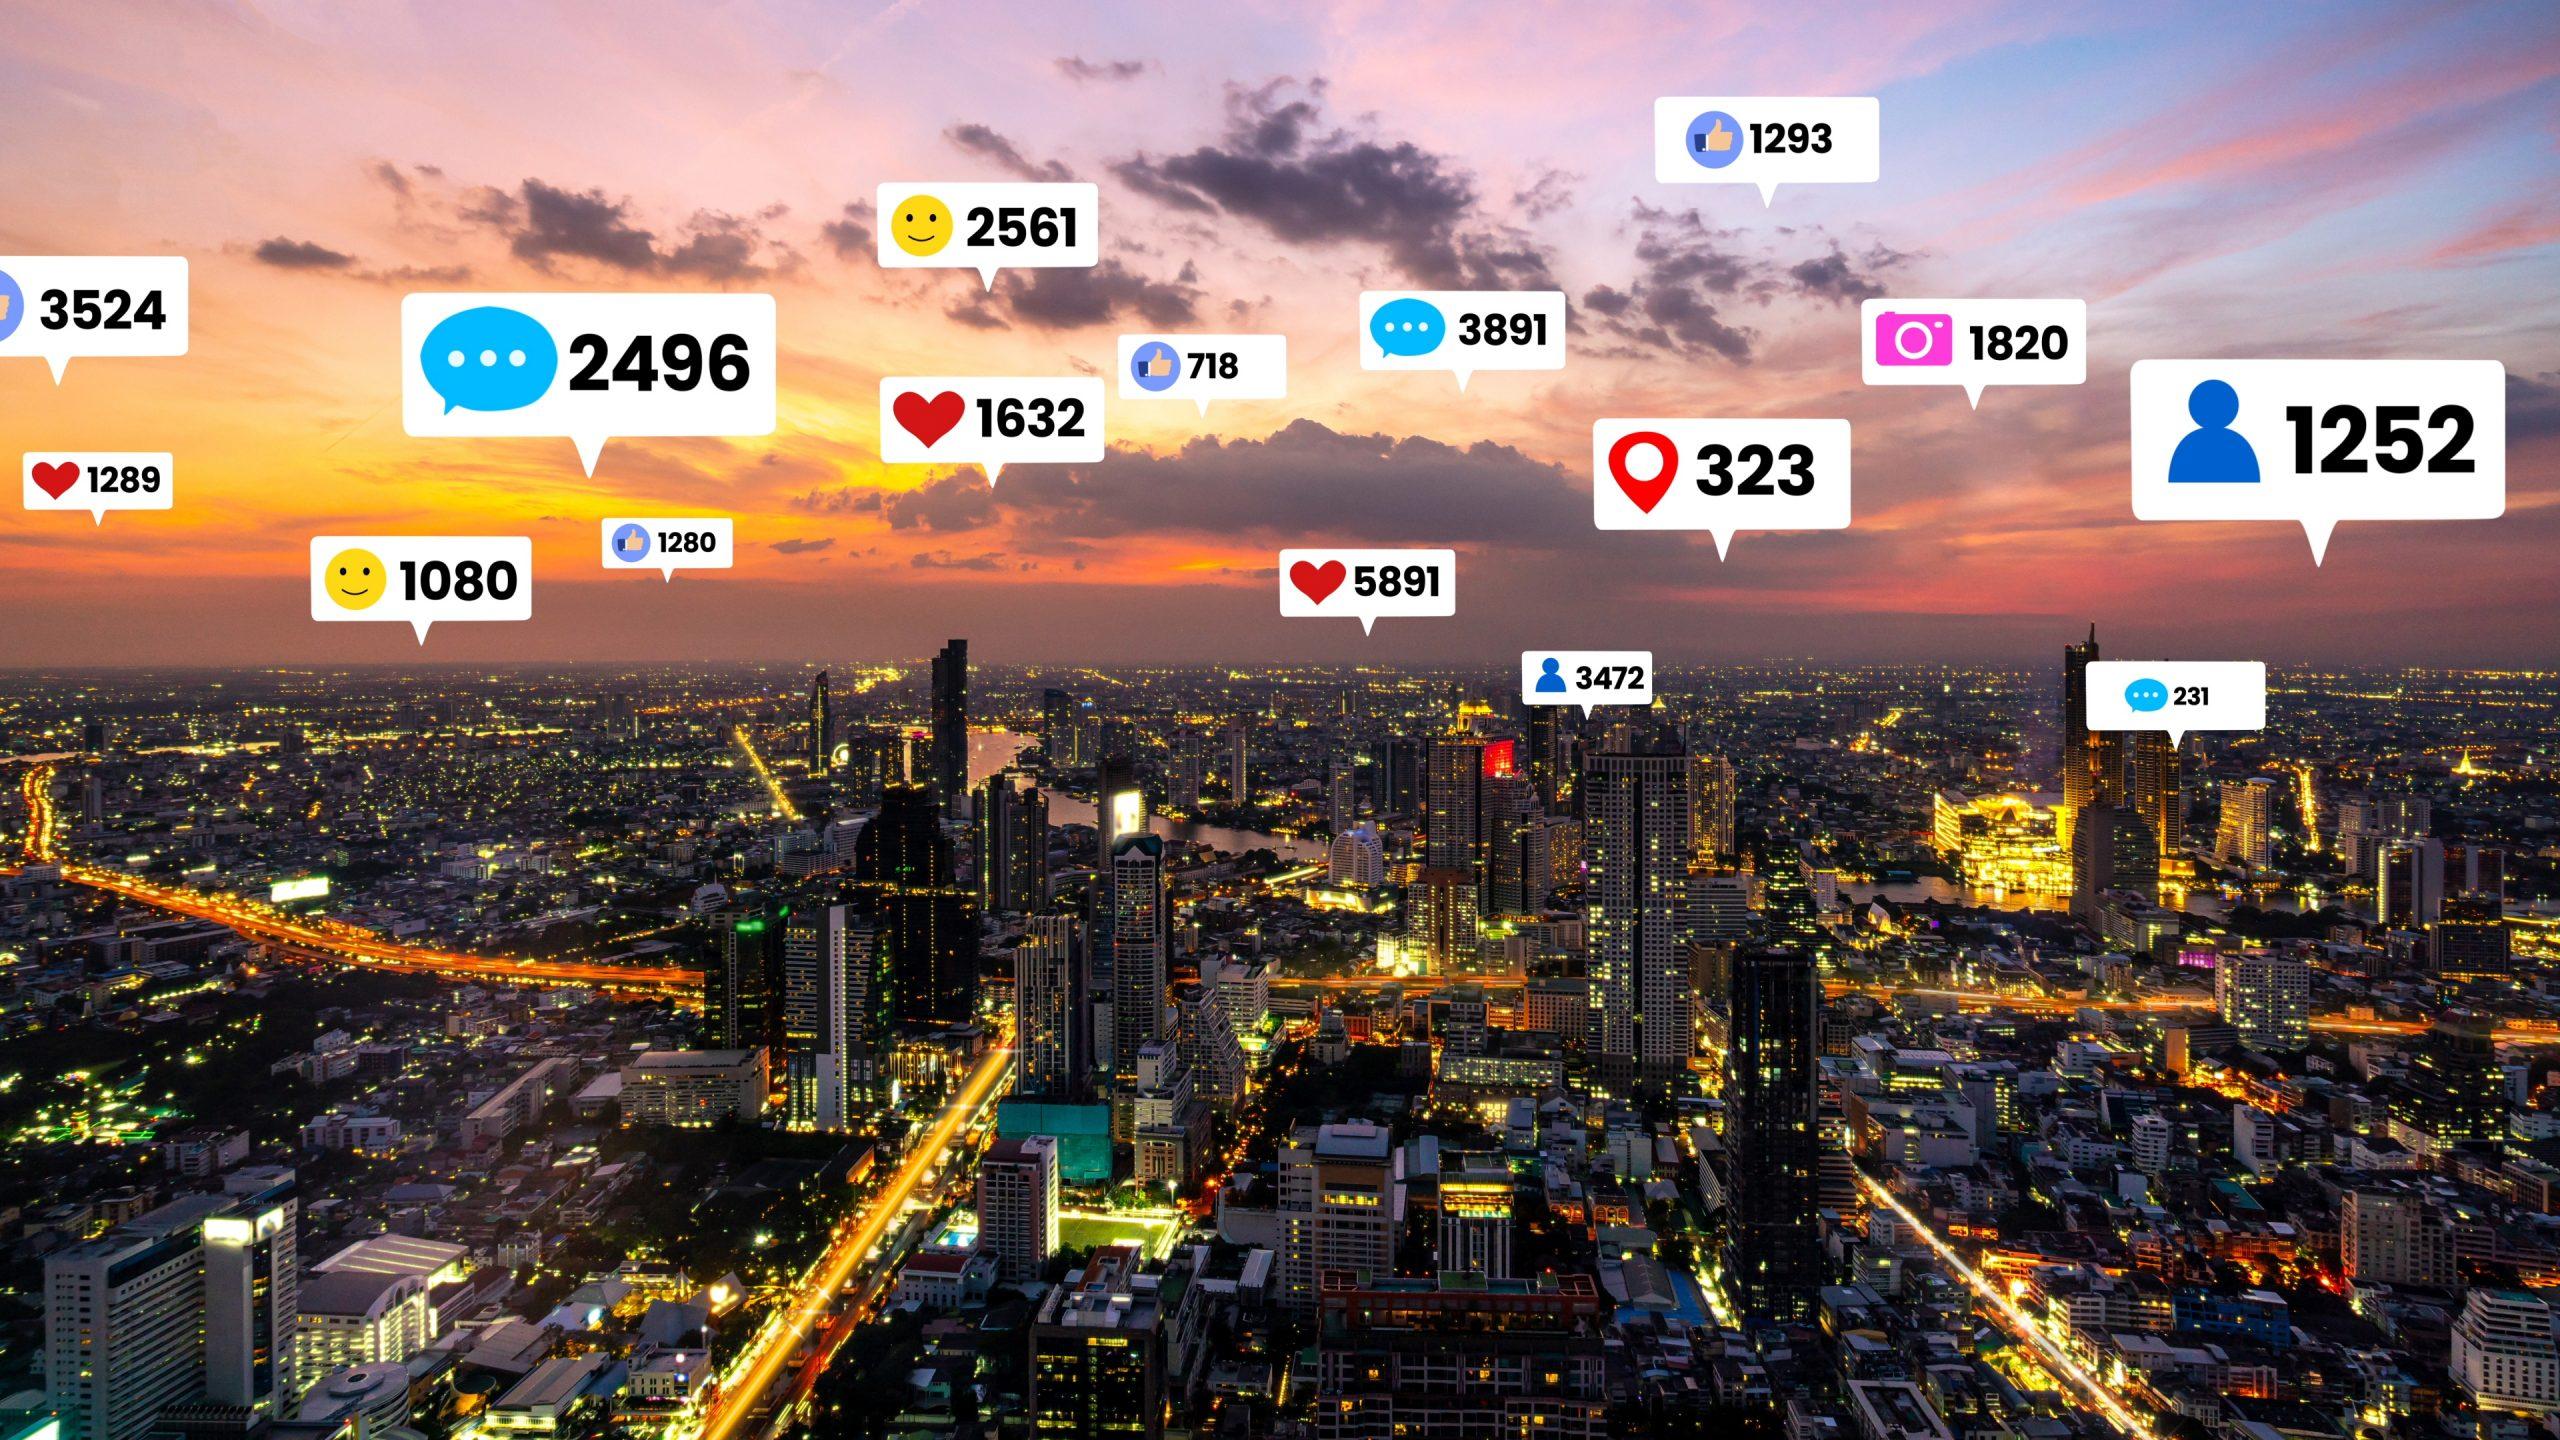 gestione social media like